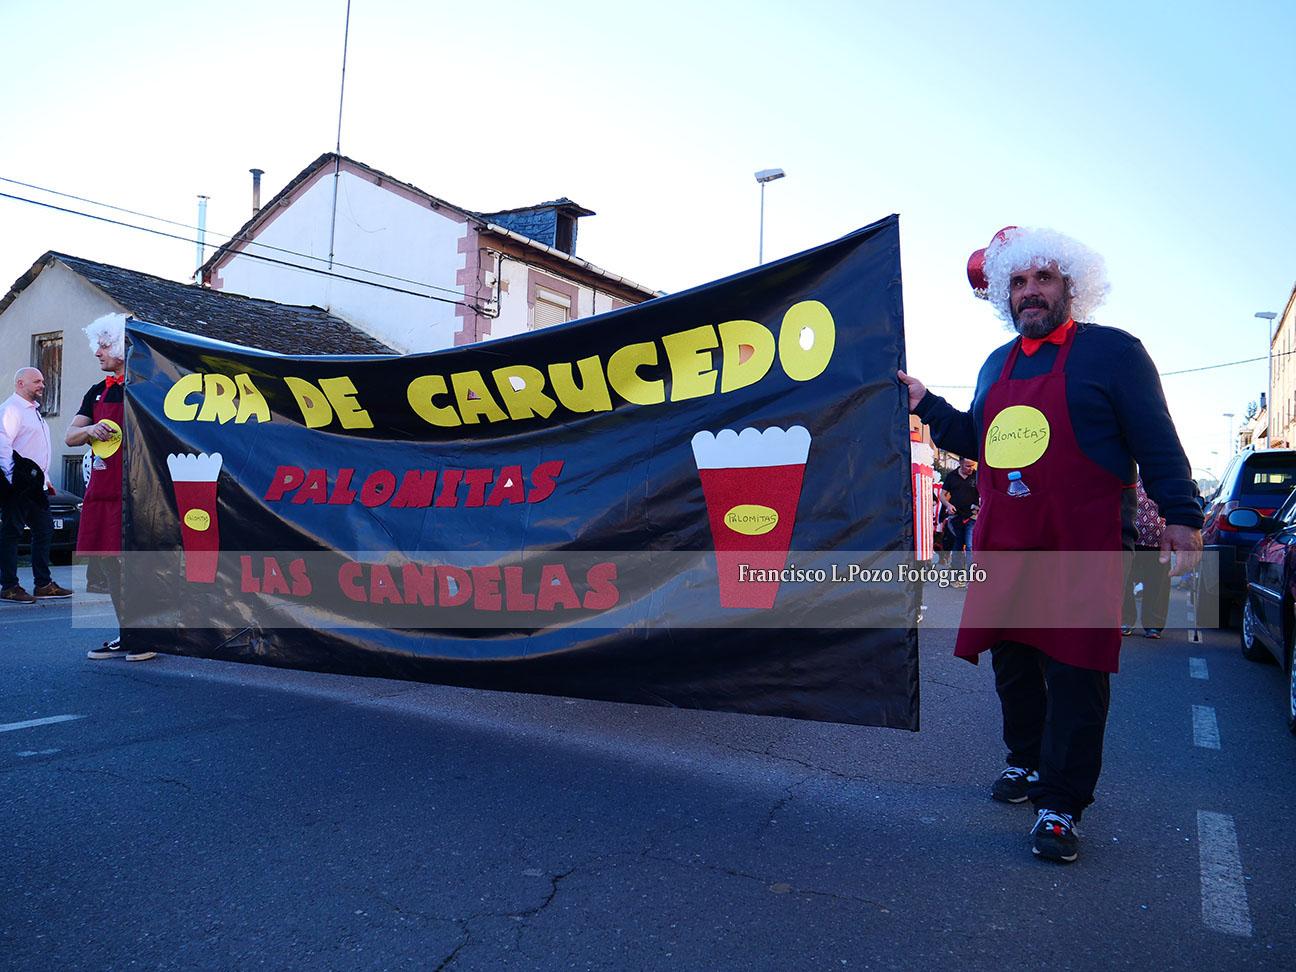 Carnaval 2020: Camponaraya sale a la calle a ritmo de comparsa 70